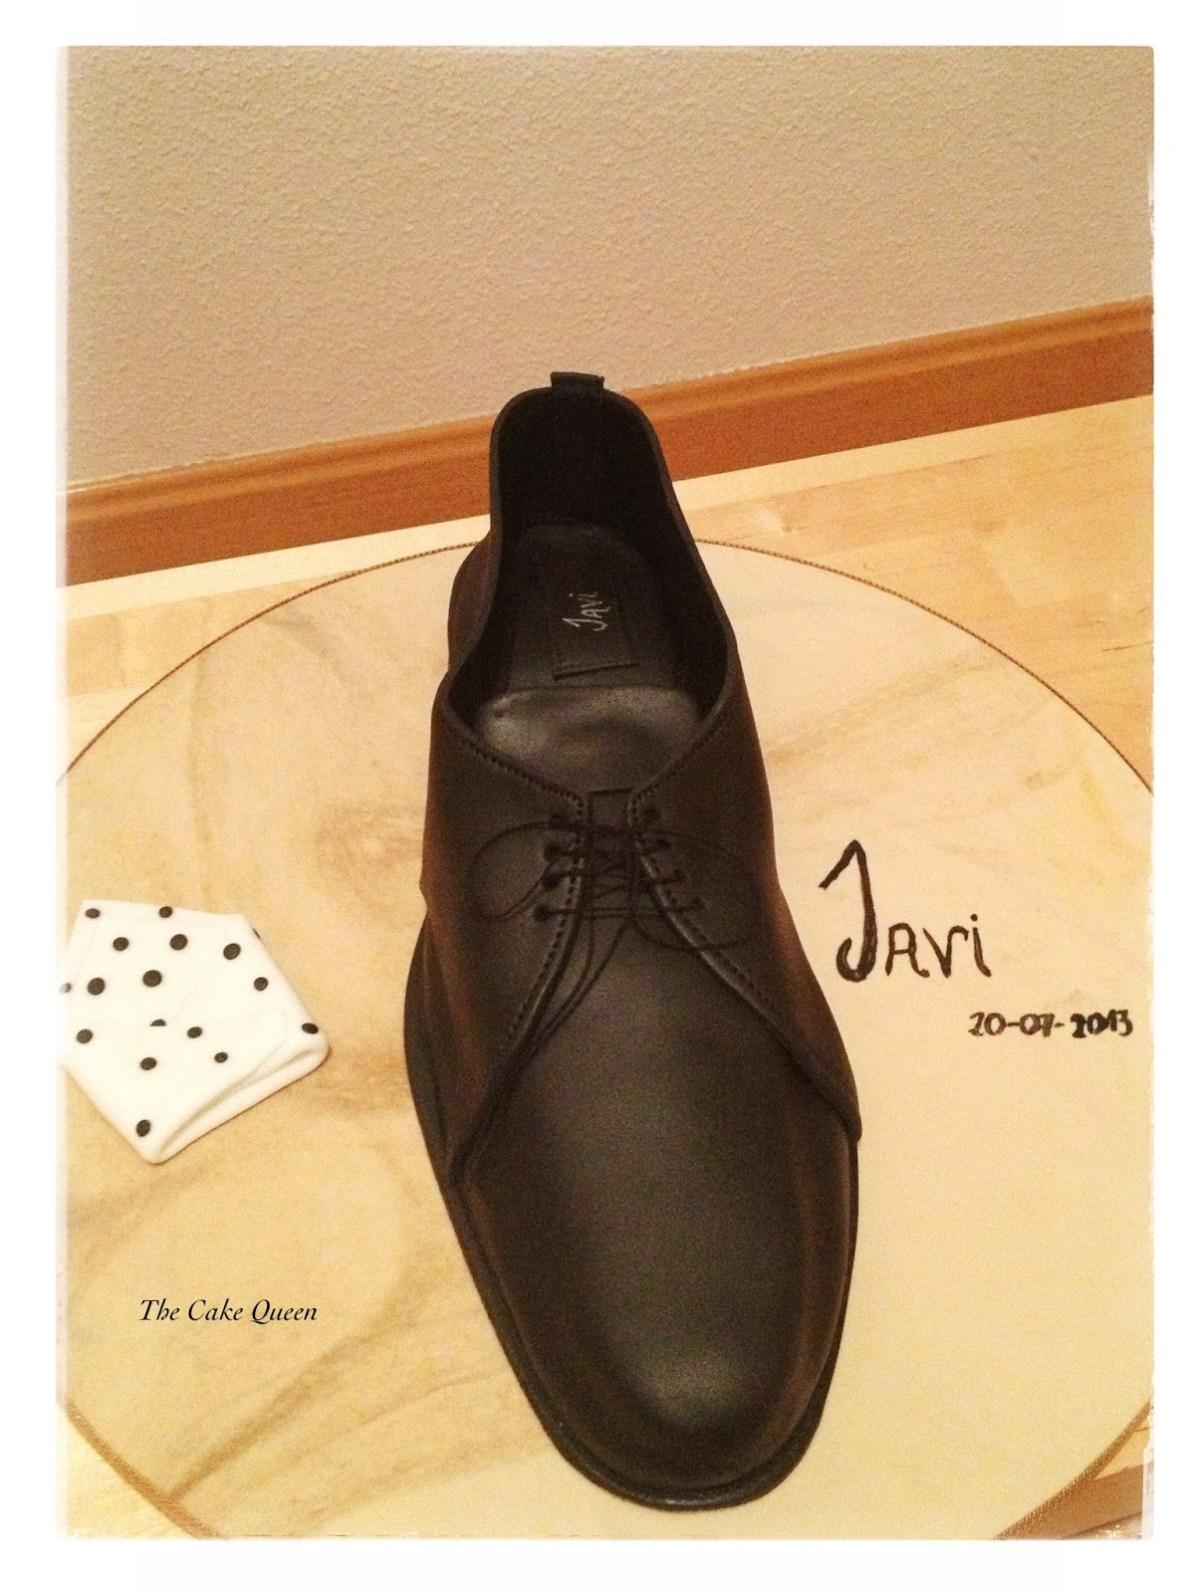 Zapato de azúcar para Javi